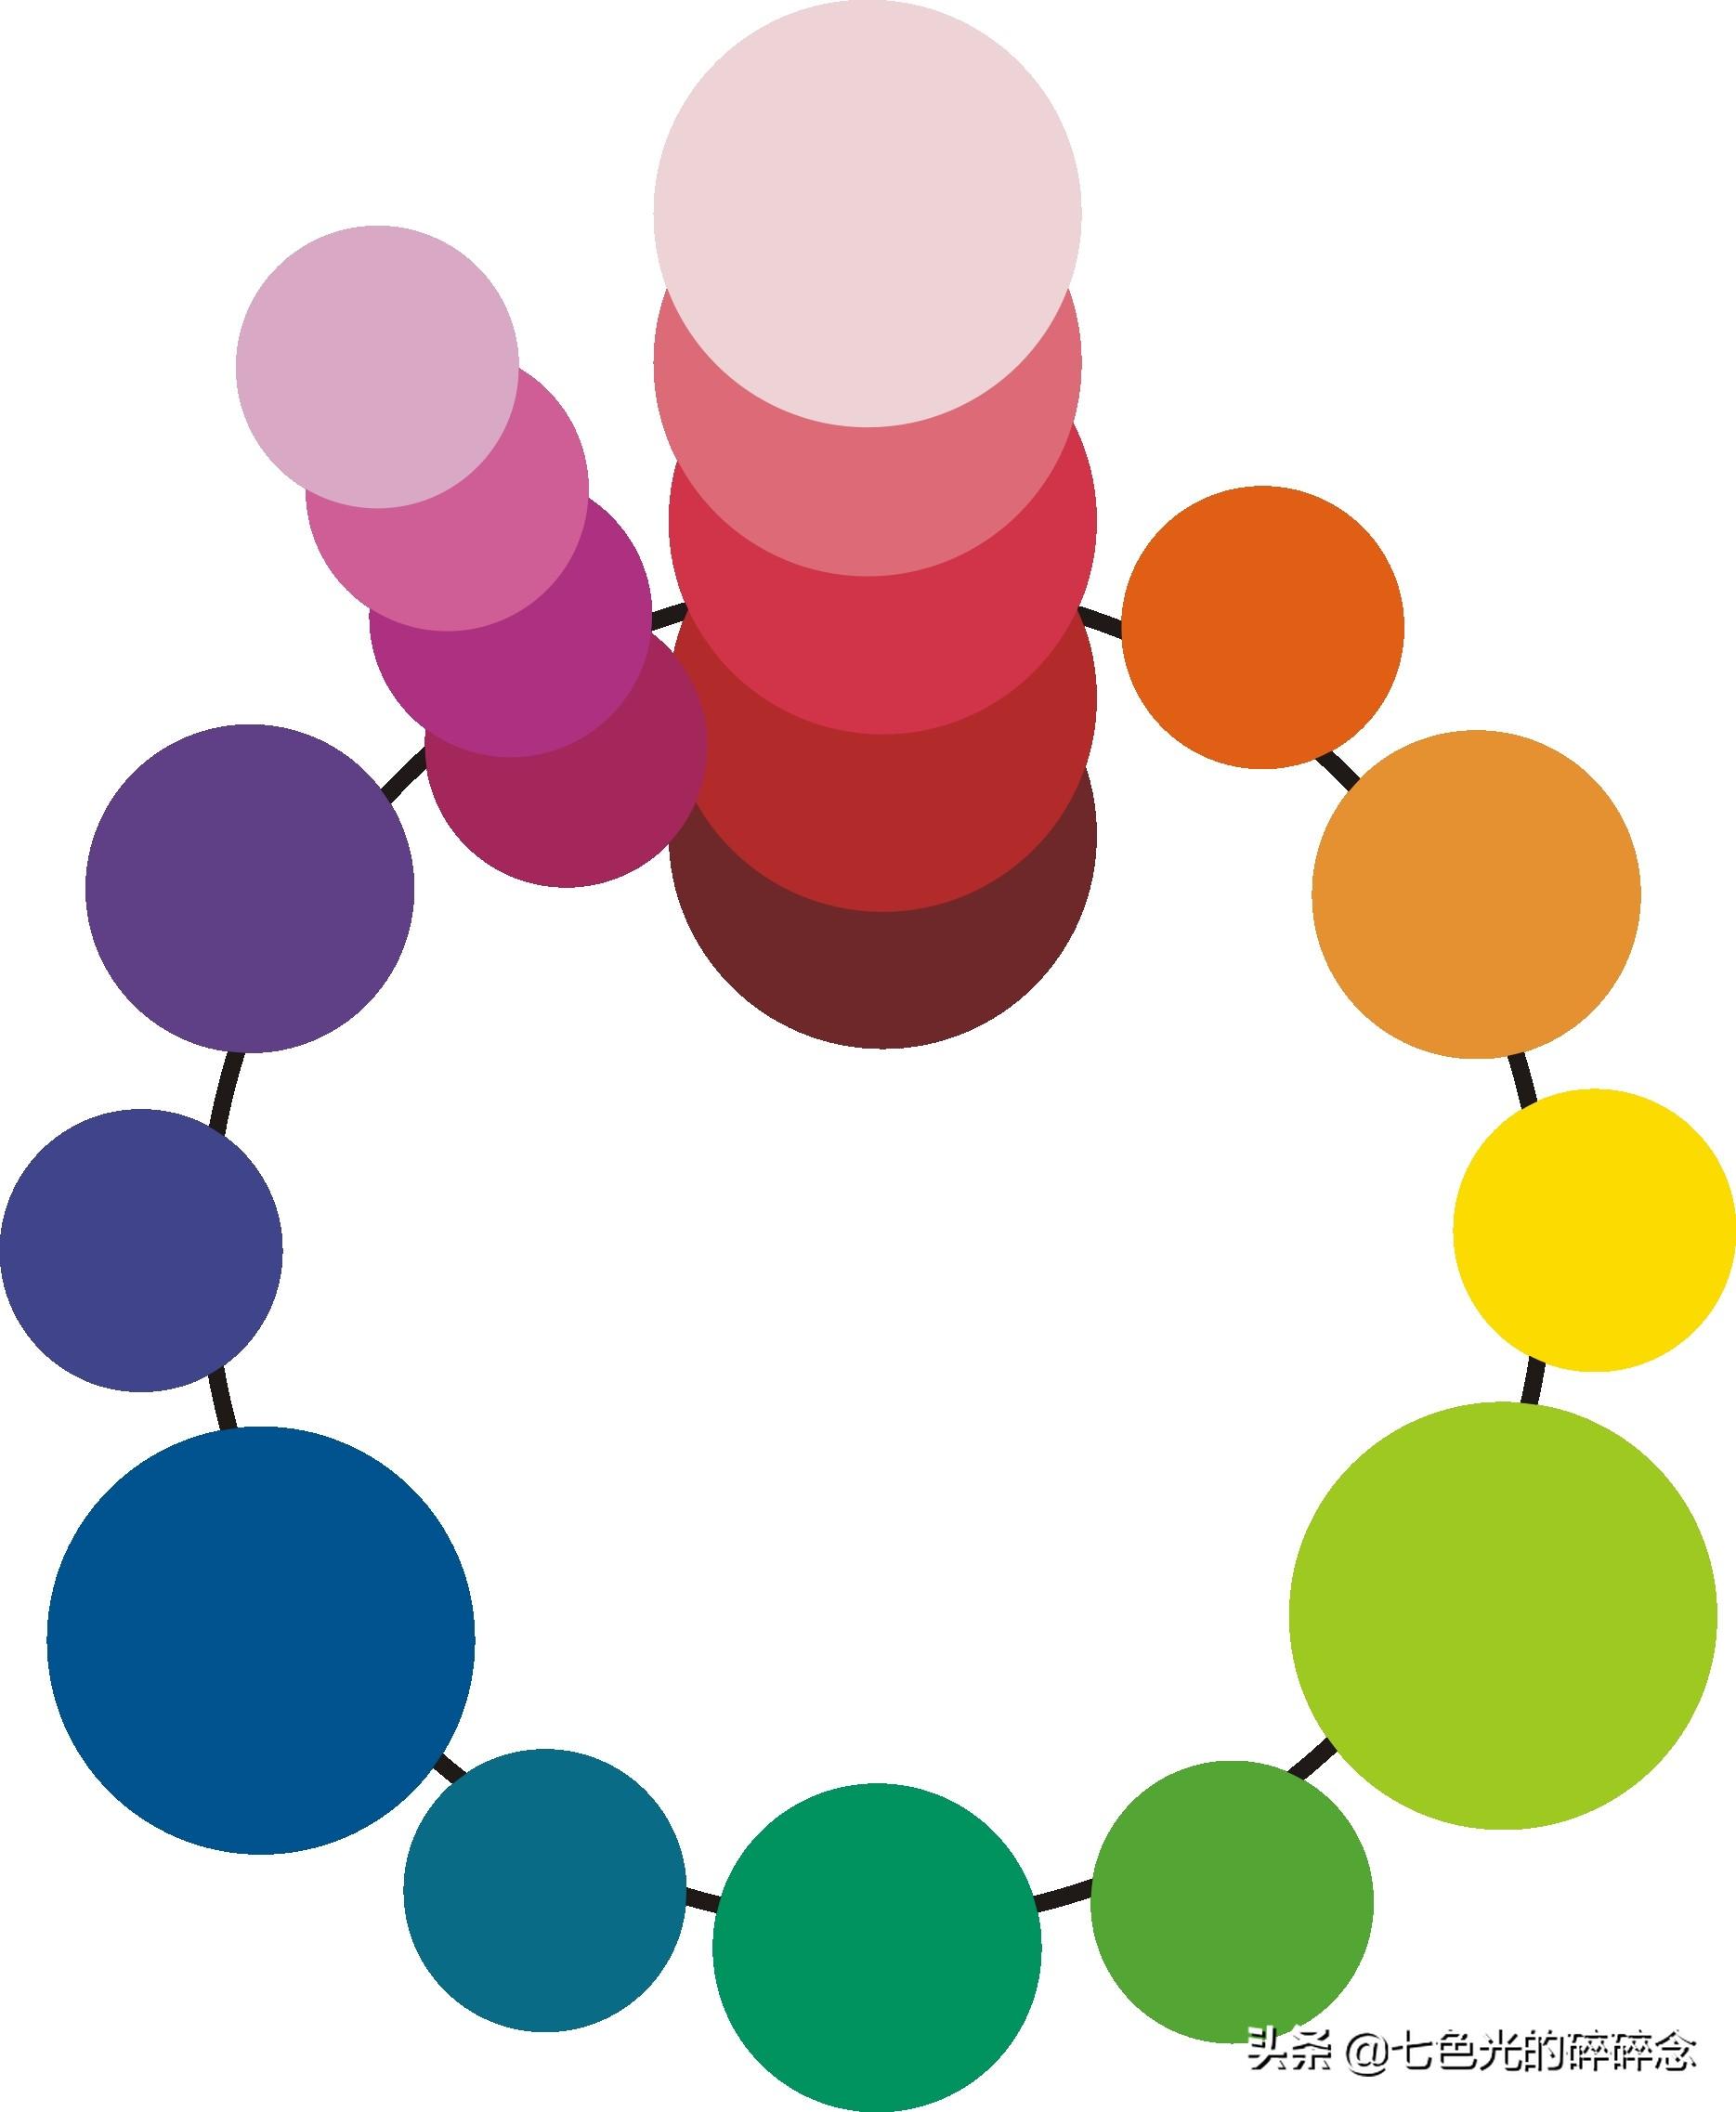 掌握一点色彩知识,成为搭配高手